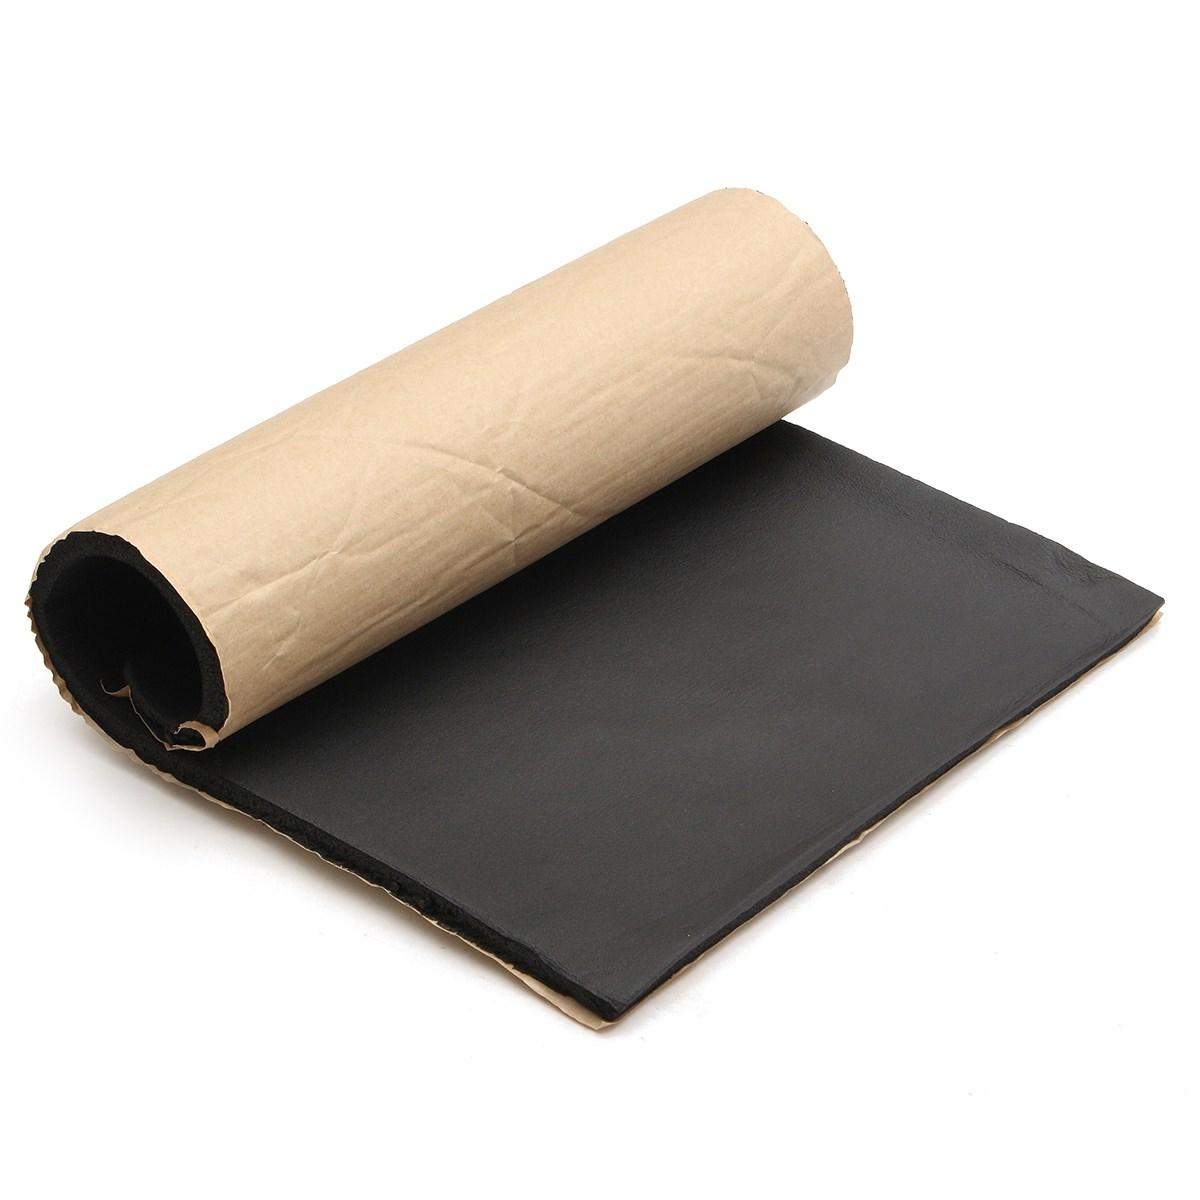 caoutchouc mousse rembourrage achetez des lots petit prix caoutchouc mousse rembourrage en. Black Bedroom Furniture Sets. Home Design Ideas